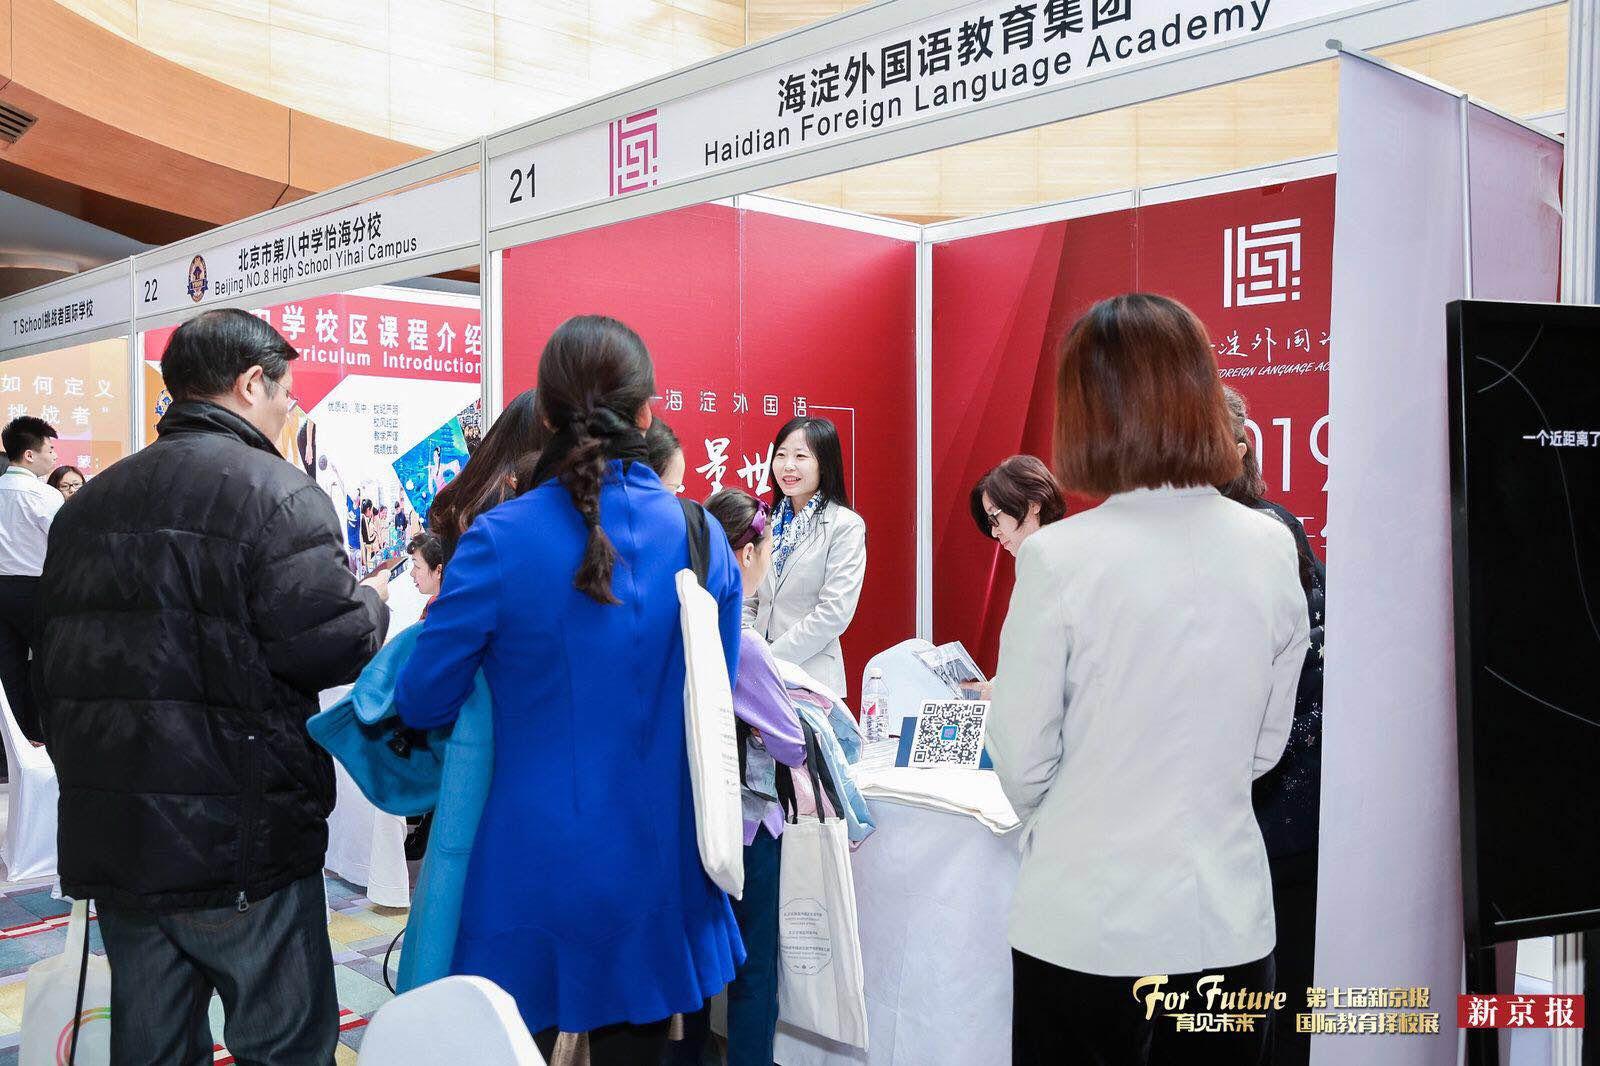 第七届新京报国际教育择校展落幕 家长择校需求趋于多元